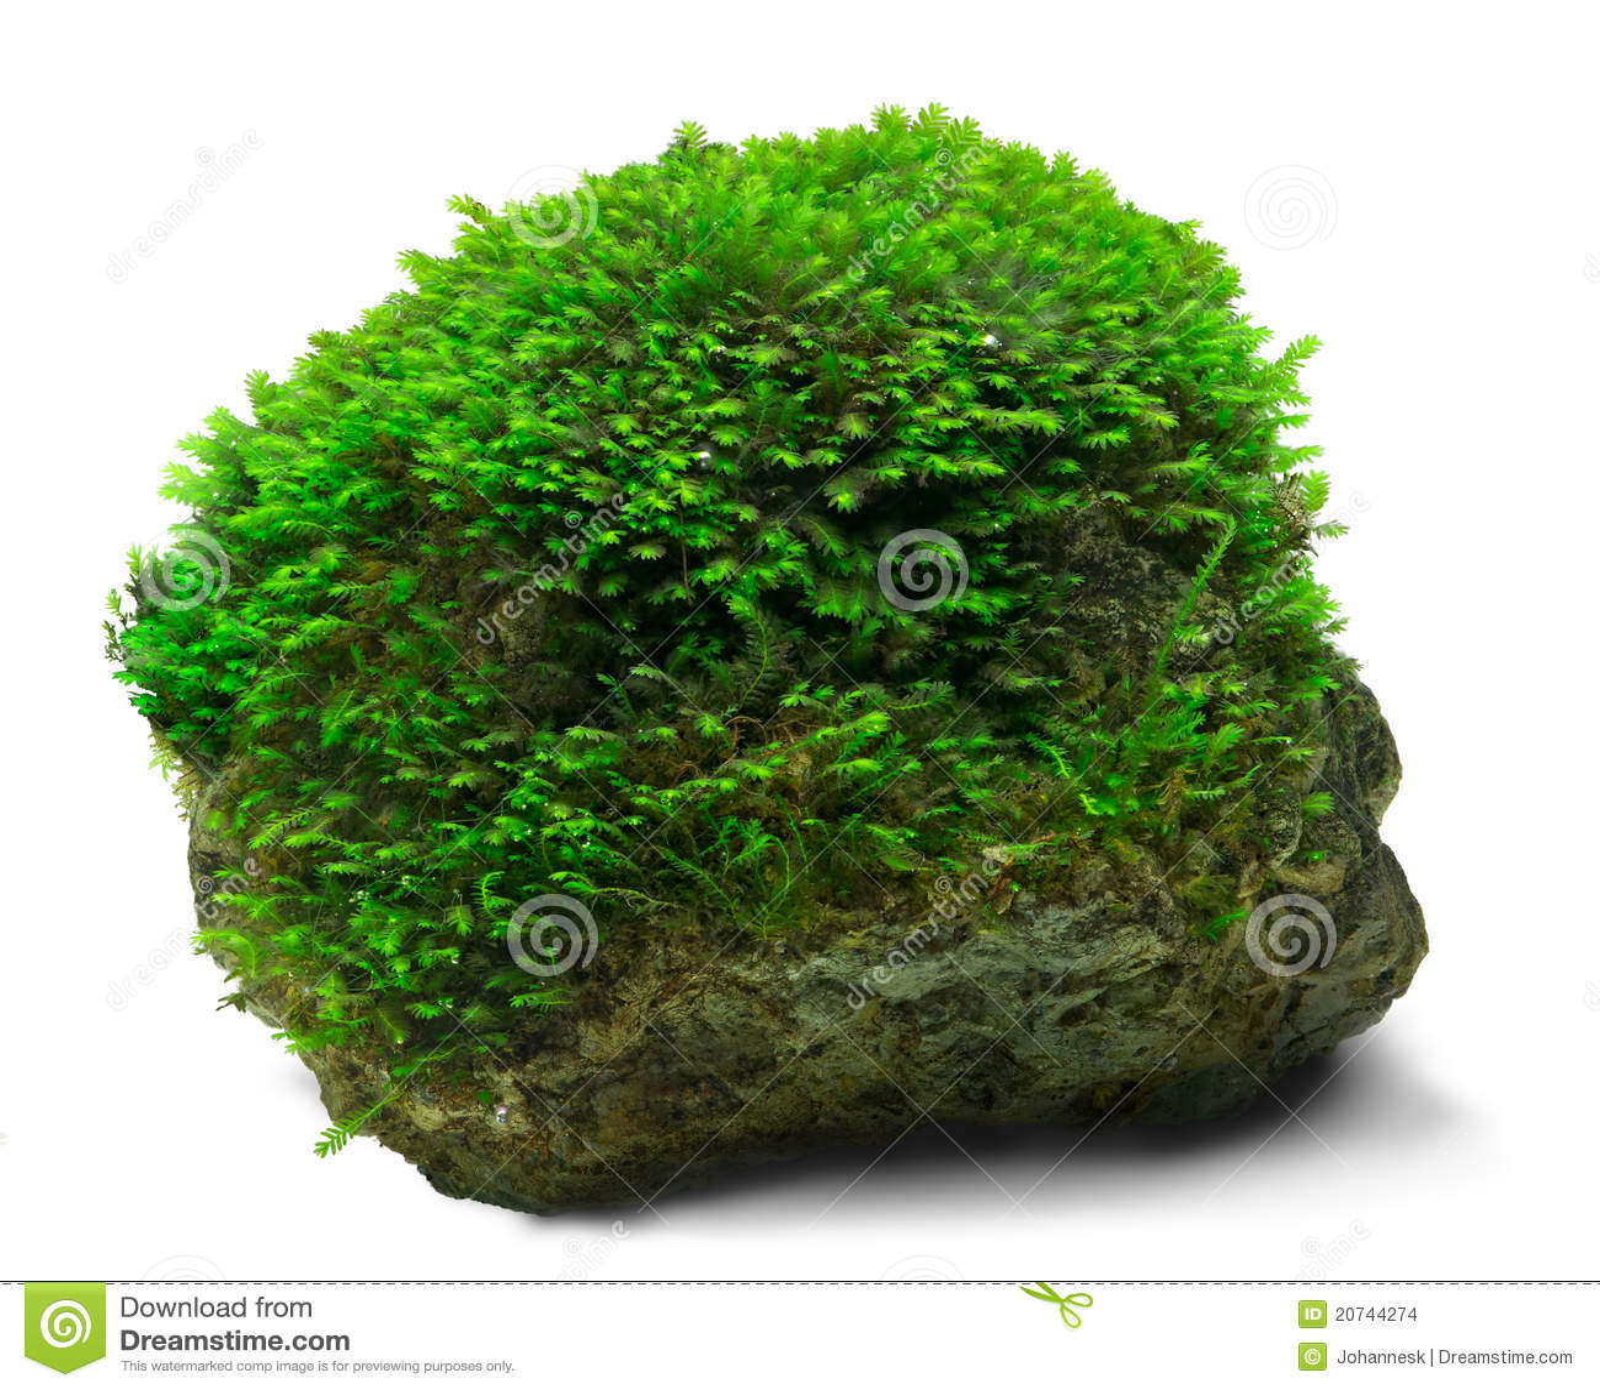 musgo y roca imagenes de archivo imagen 20744274